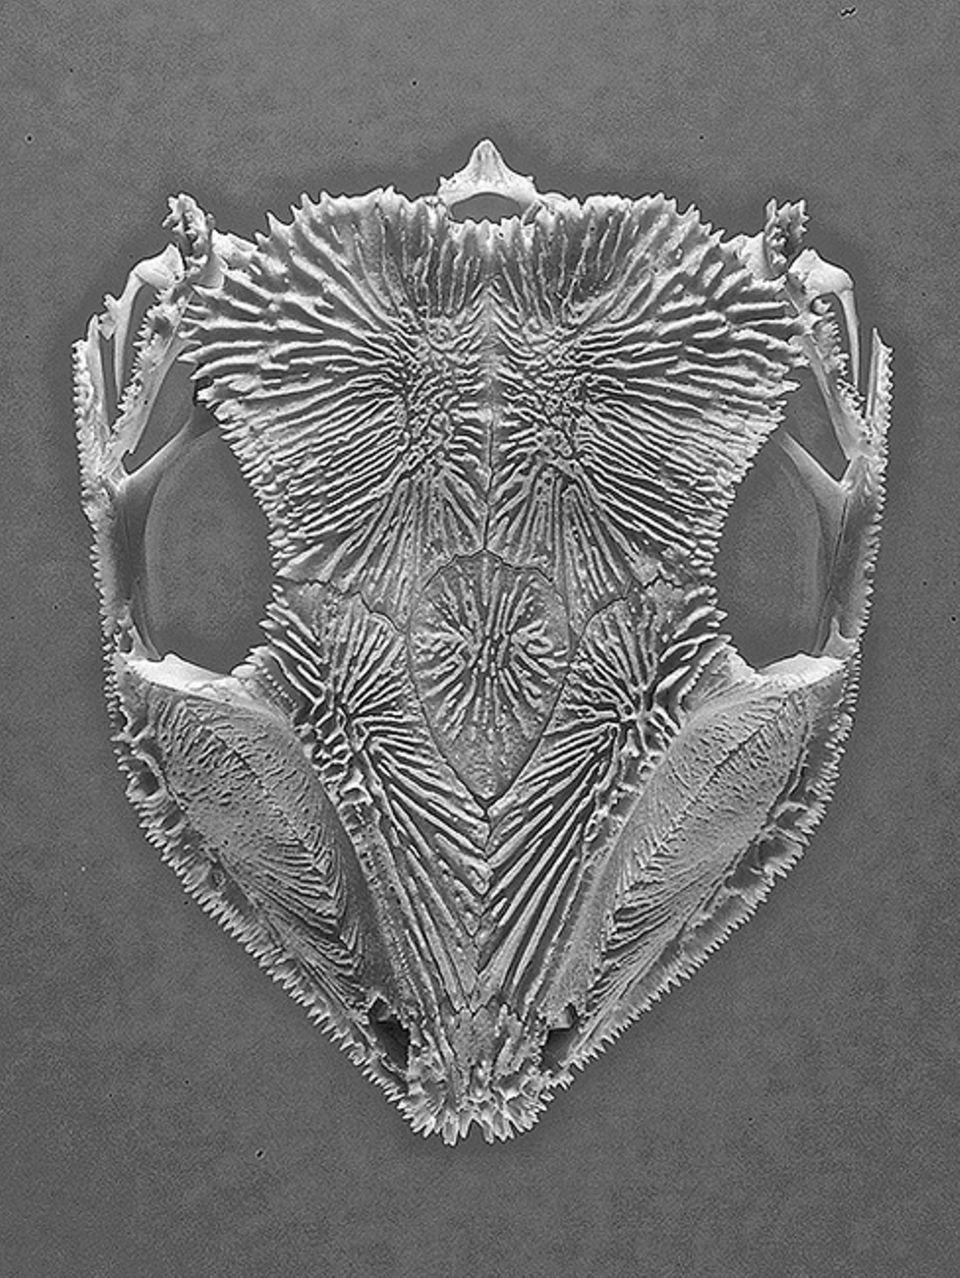 Brasilien: Der Schädel von Aparasphenodon brunoi ist übersät mit scharfen Giftstacheln